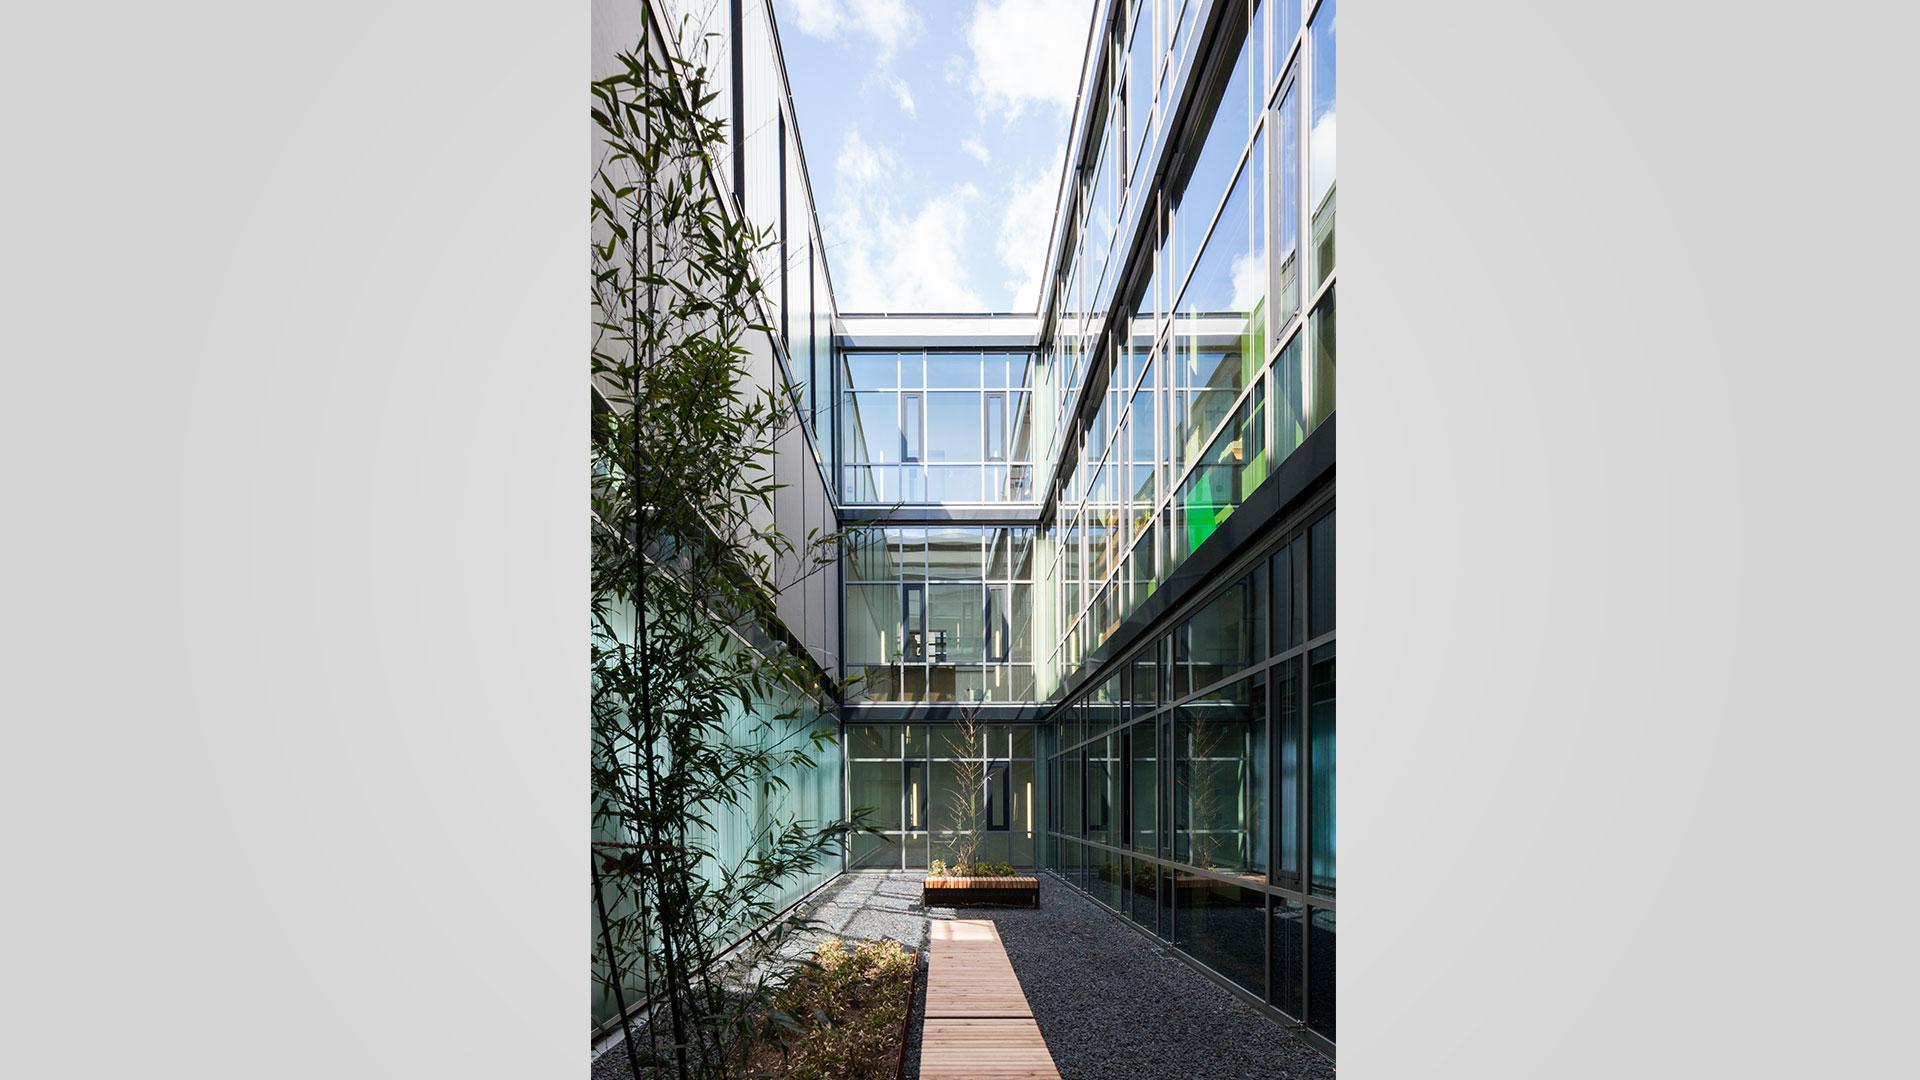 Physikalisches Institut Heidelberg 7 - ArGe Architekten